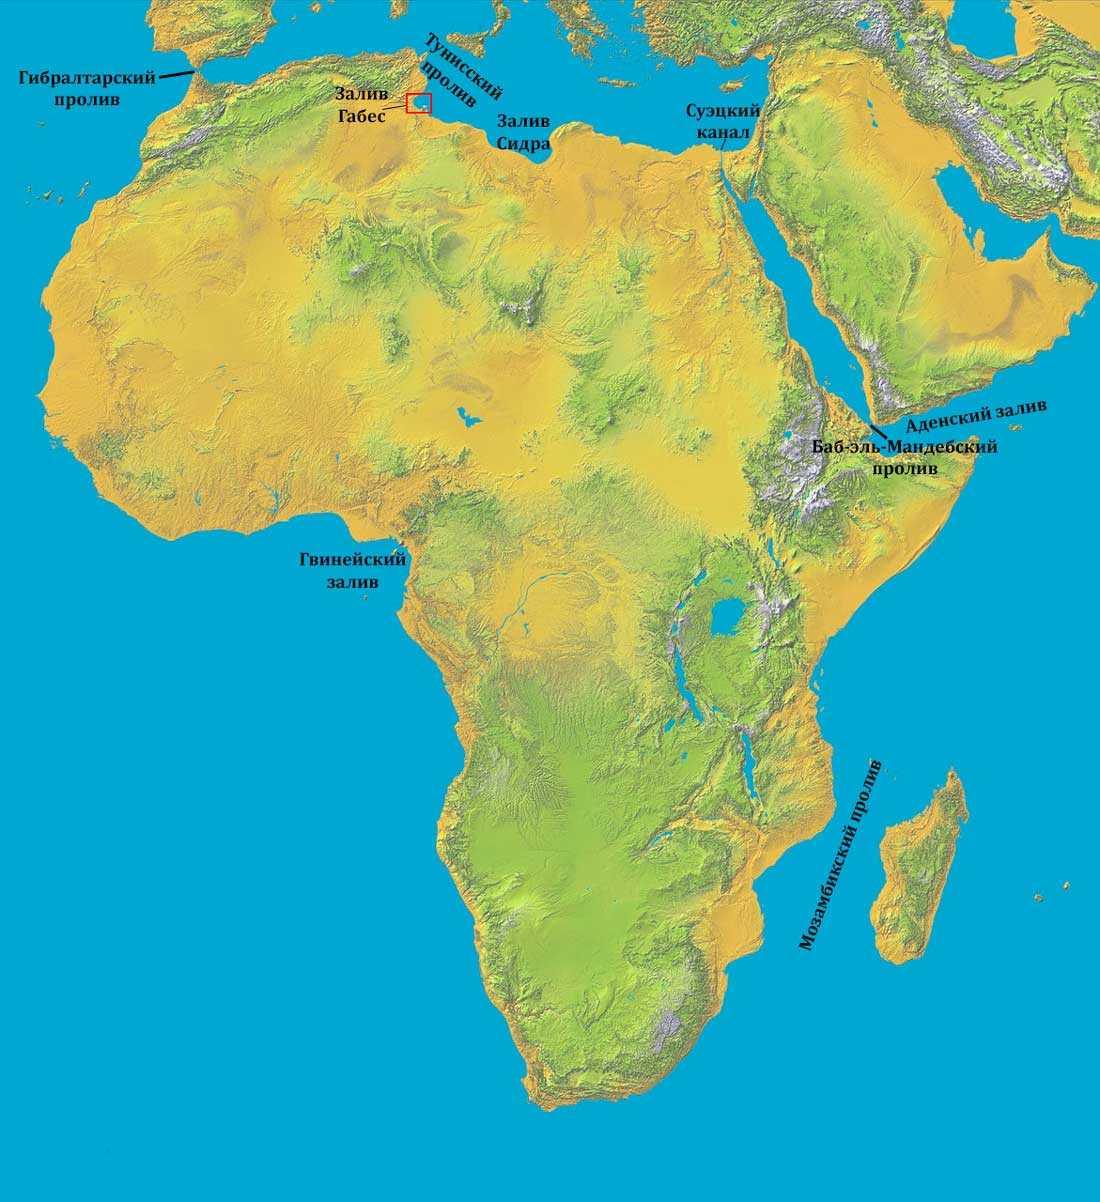 Проливы и заливы Африки - список, описание и карта 2